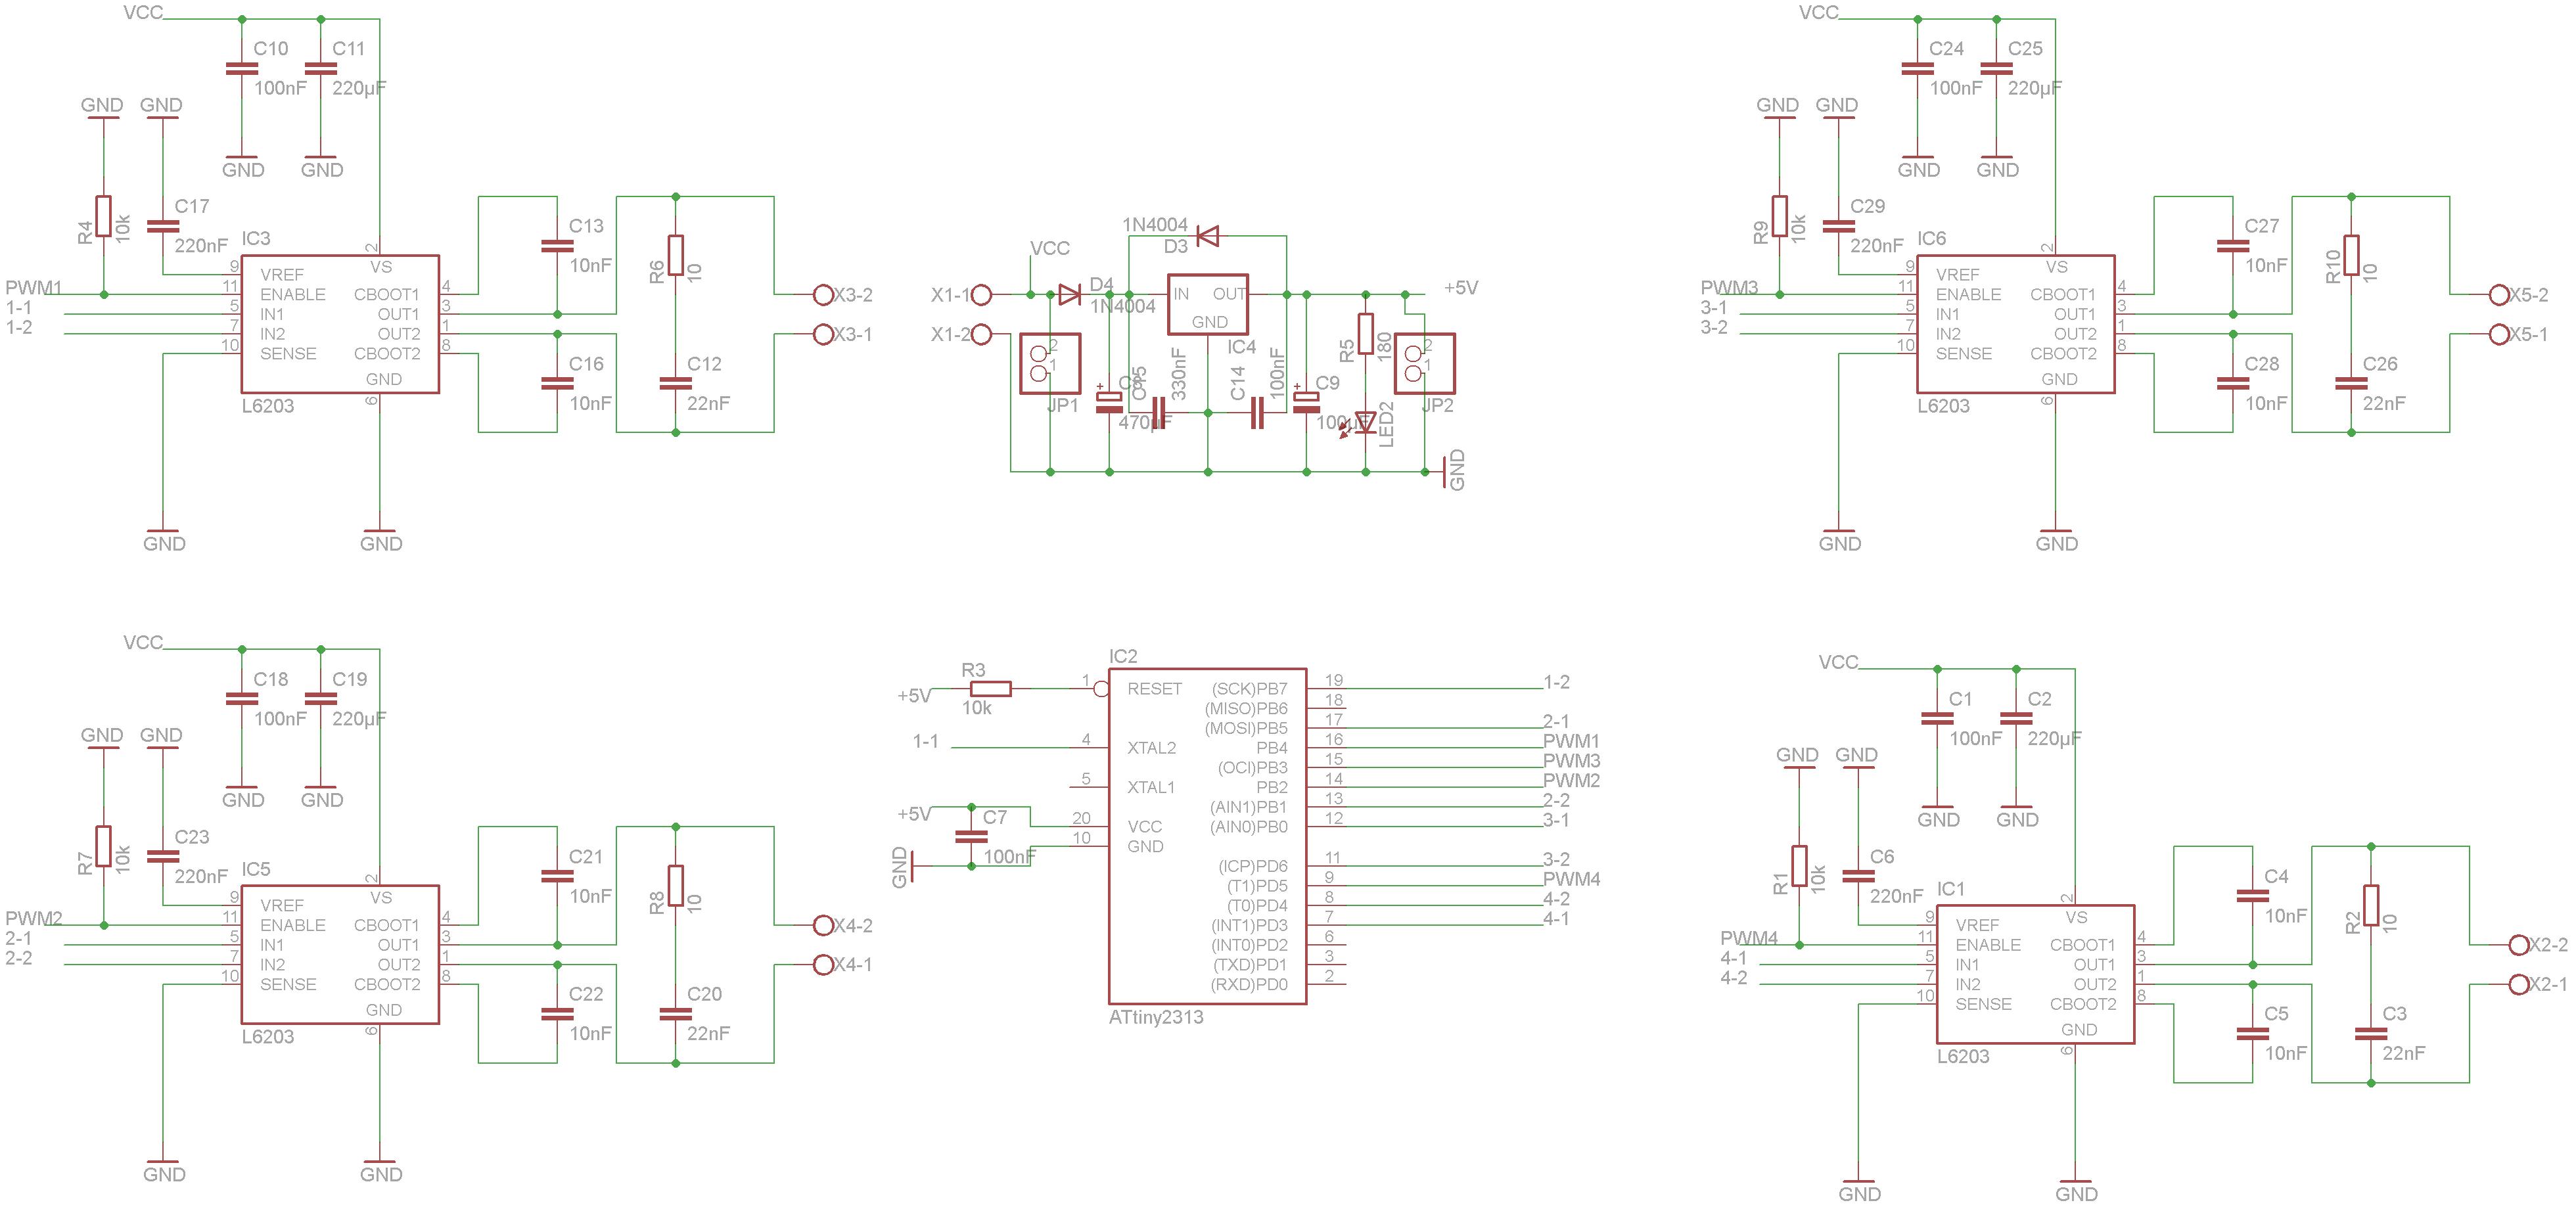 modellbahnsteuerung pwm analog